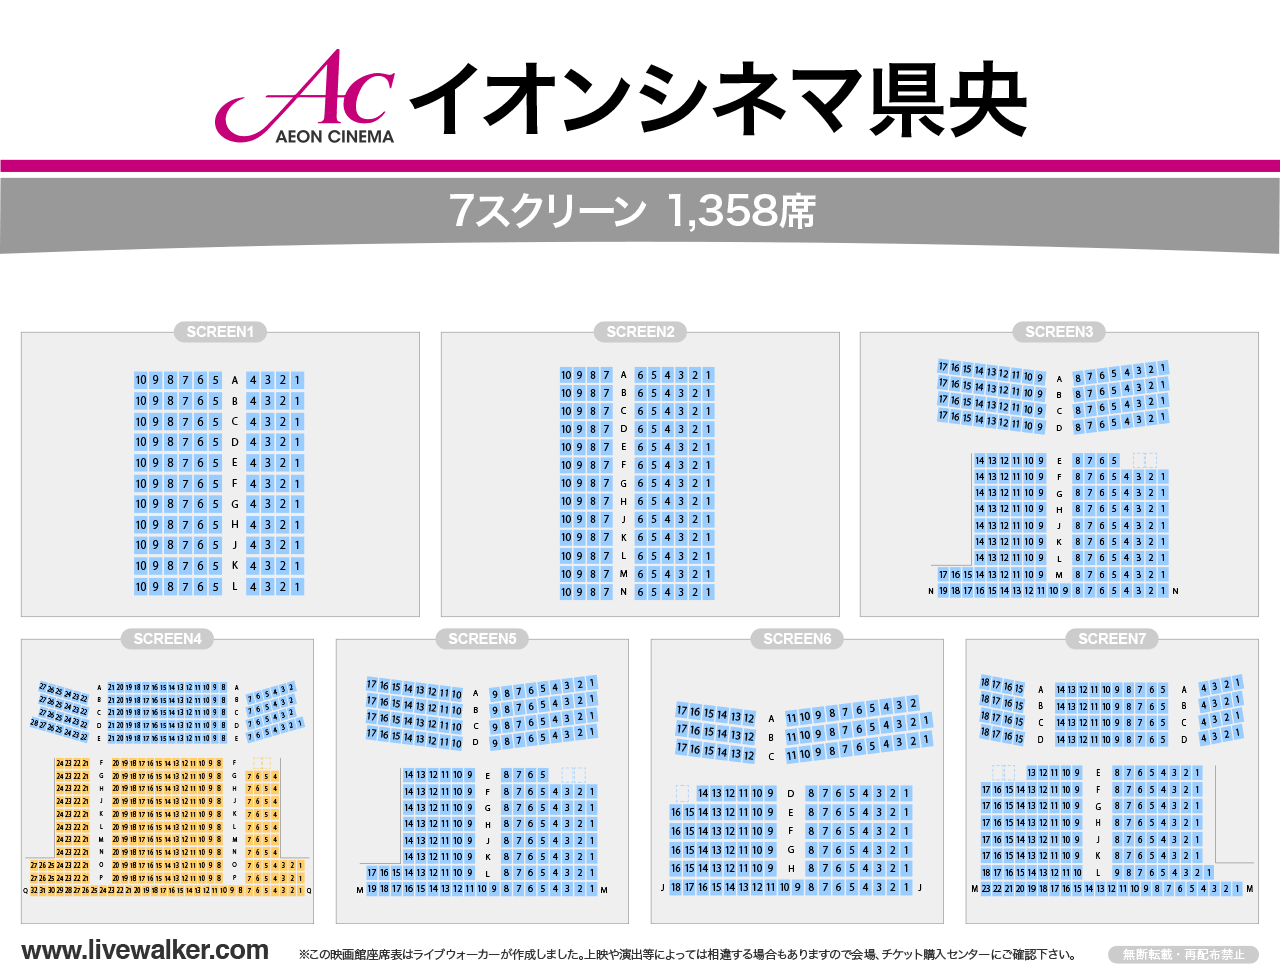 イオンシネマ県央 新潟県 燕市 Livewalker Com 2020 新潟県 映画館 イオン